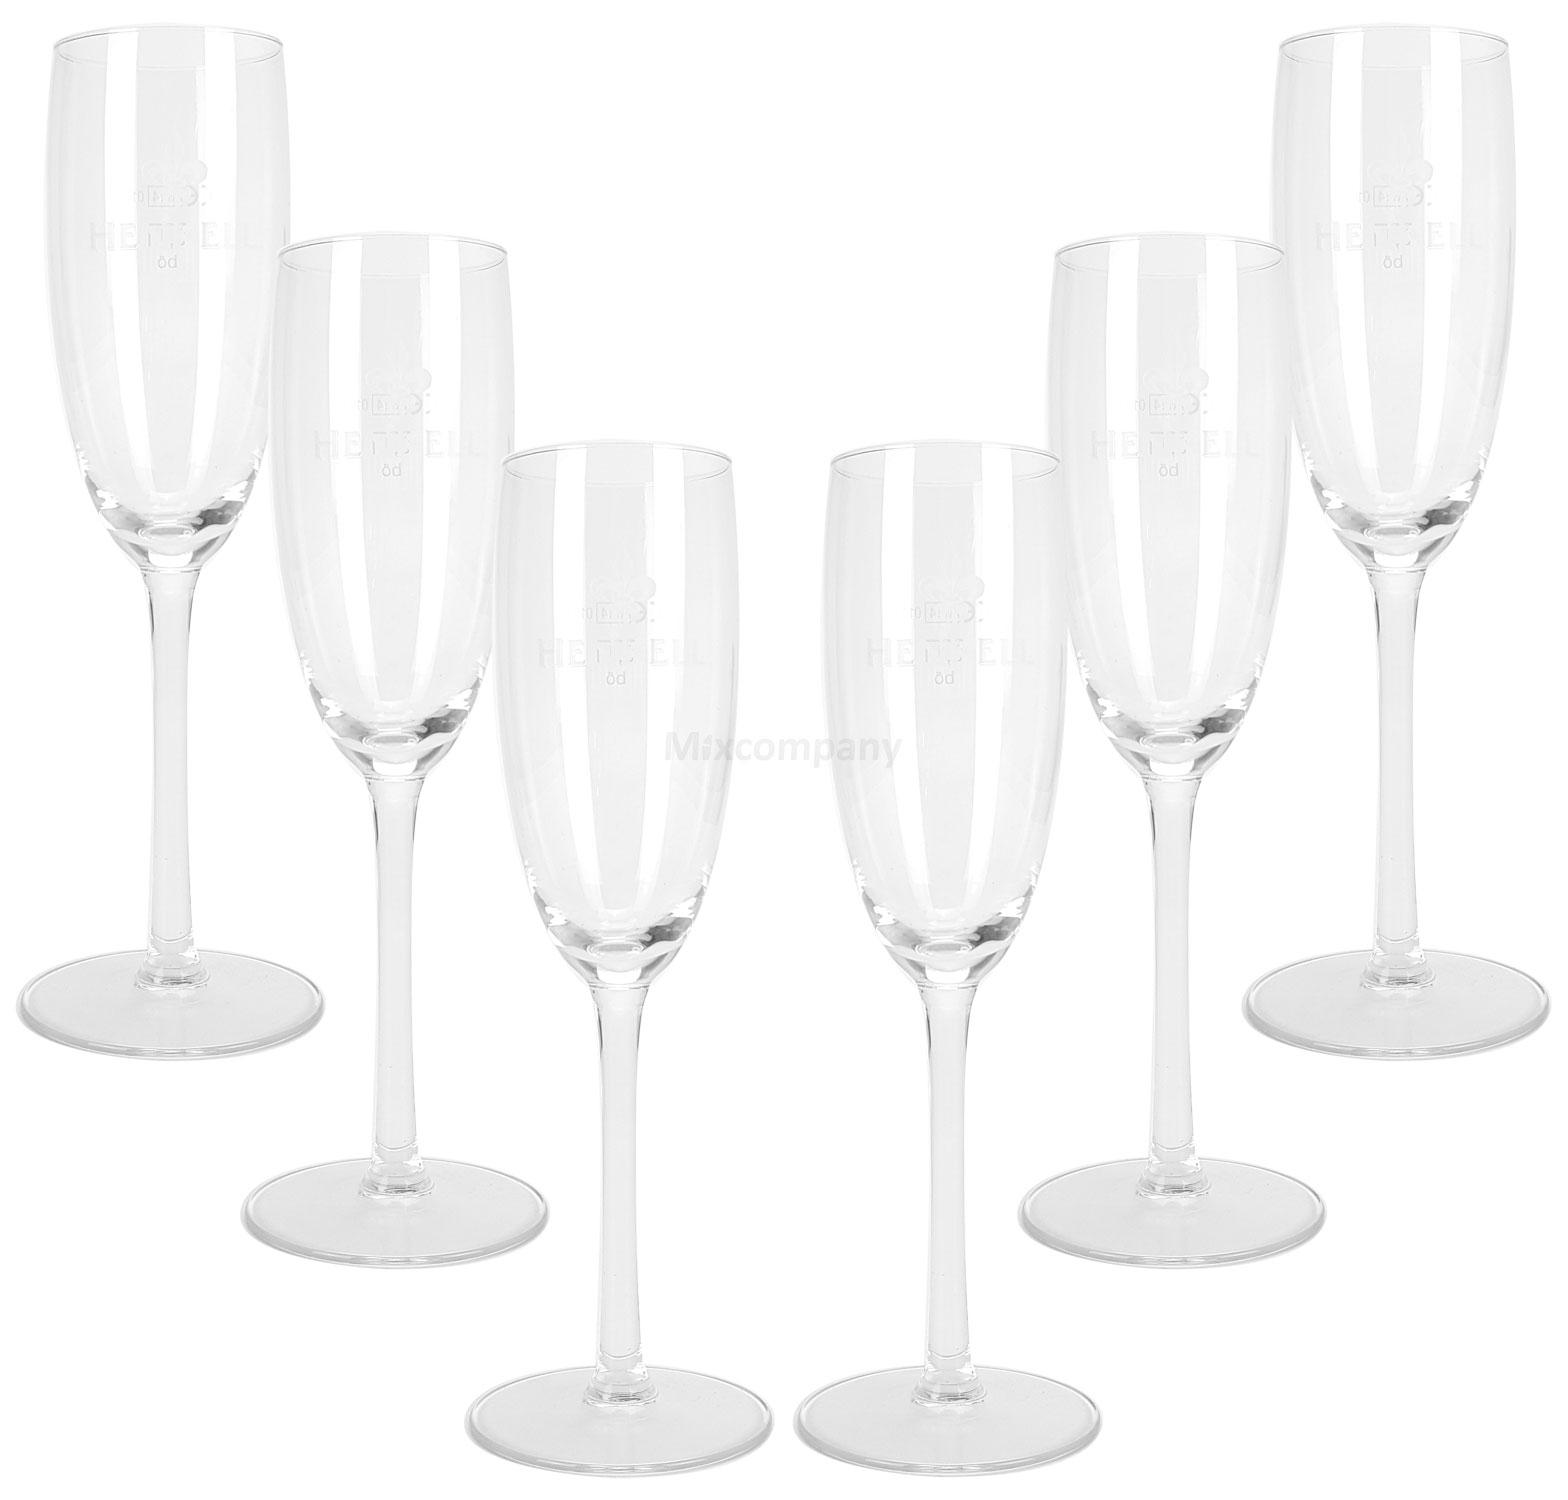 Henkell Champagner Gläser Flöten Set - 6x 10cl 0,1l geeicht